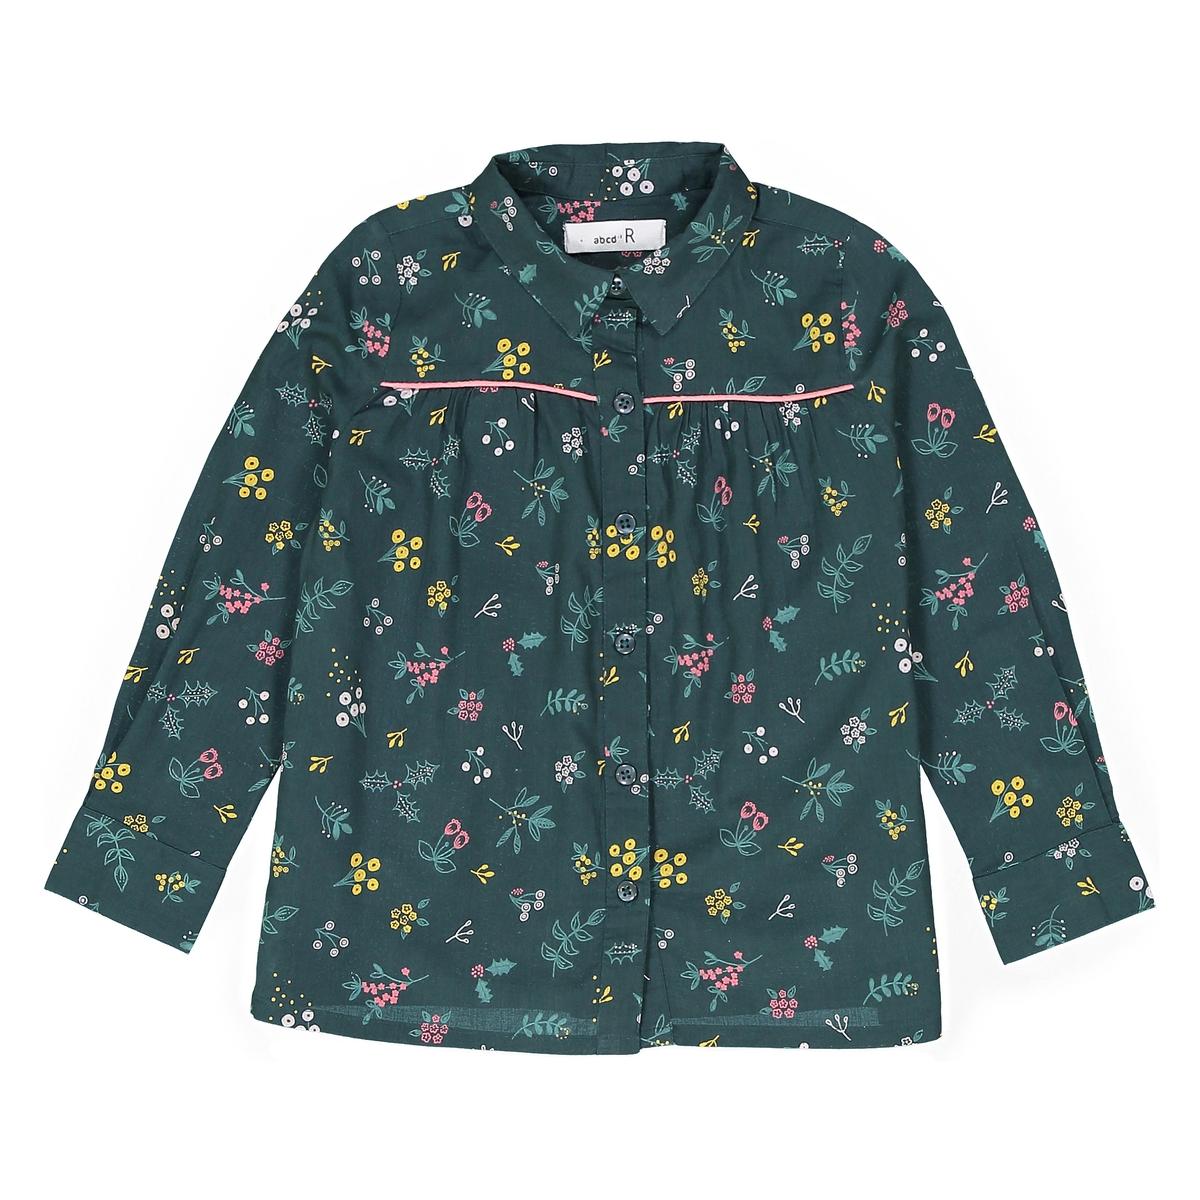 Рубашка с цветочным принтом 3-12 летДетали •  Длина  : удлиненная модель •  Длинные рукава •  Прямой покрой •  Круглый вырез •  Рисунок-принтСостав и уход •  100% хлопок •  Температура стирки 30° • Средняя температура глажки / не отбеливать     • Барабанная сушка на слабом режиме       • Сухая чистка запрещена<br><br>Цвет: набивной рисунок<br>Размер: 4 года - 102 см.5 лет - 108 см.8 лет - 126 см.3 года - 94 см.6 лет - 114 см.12 лет -150 см.10 лет - 138 см